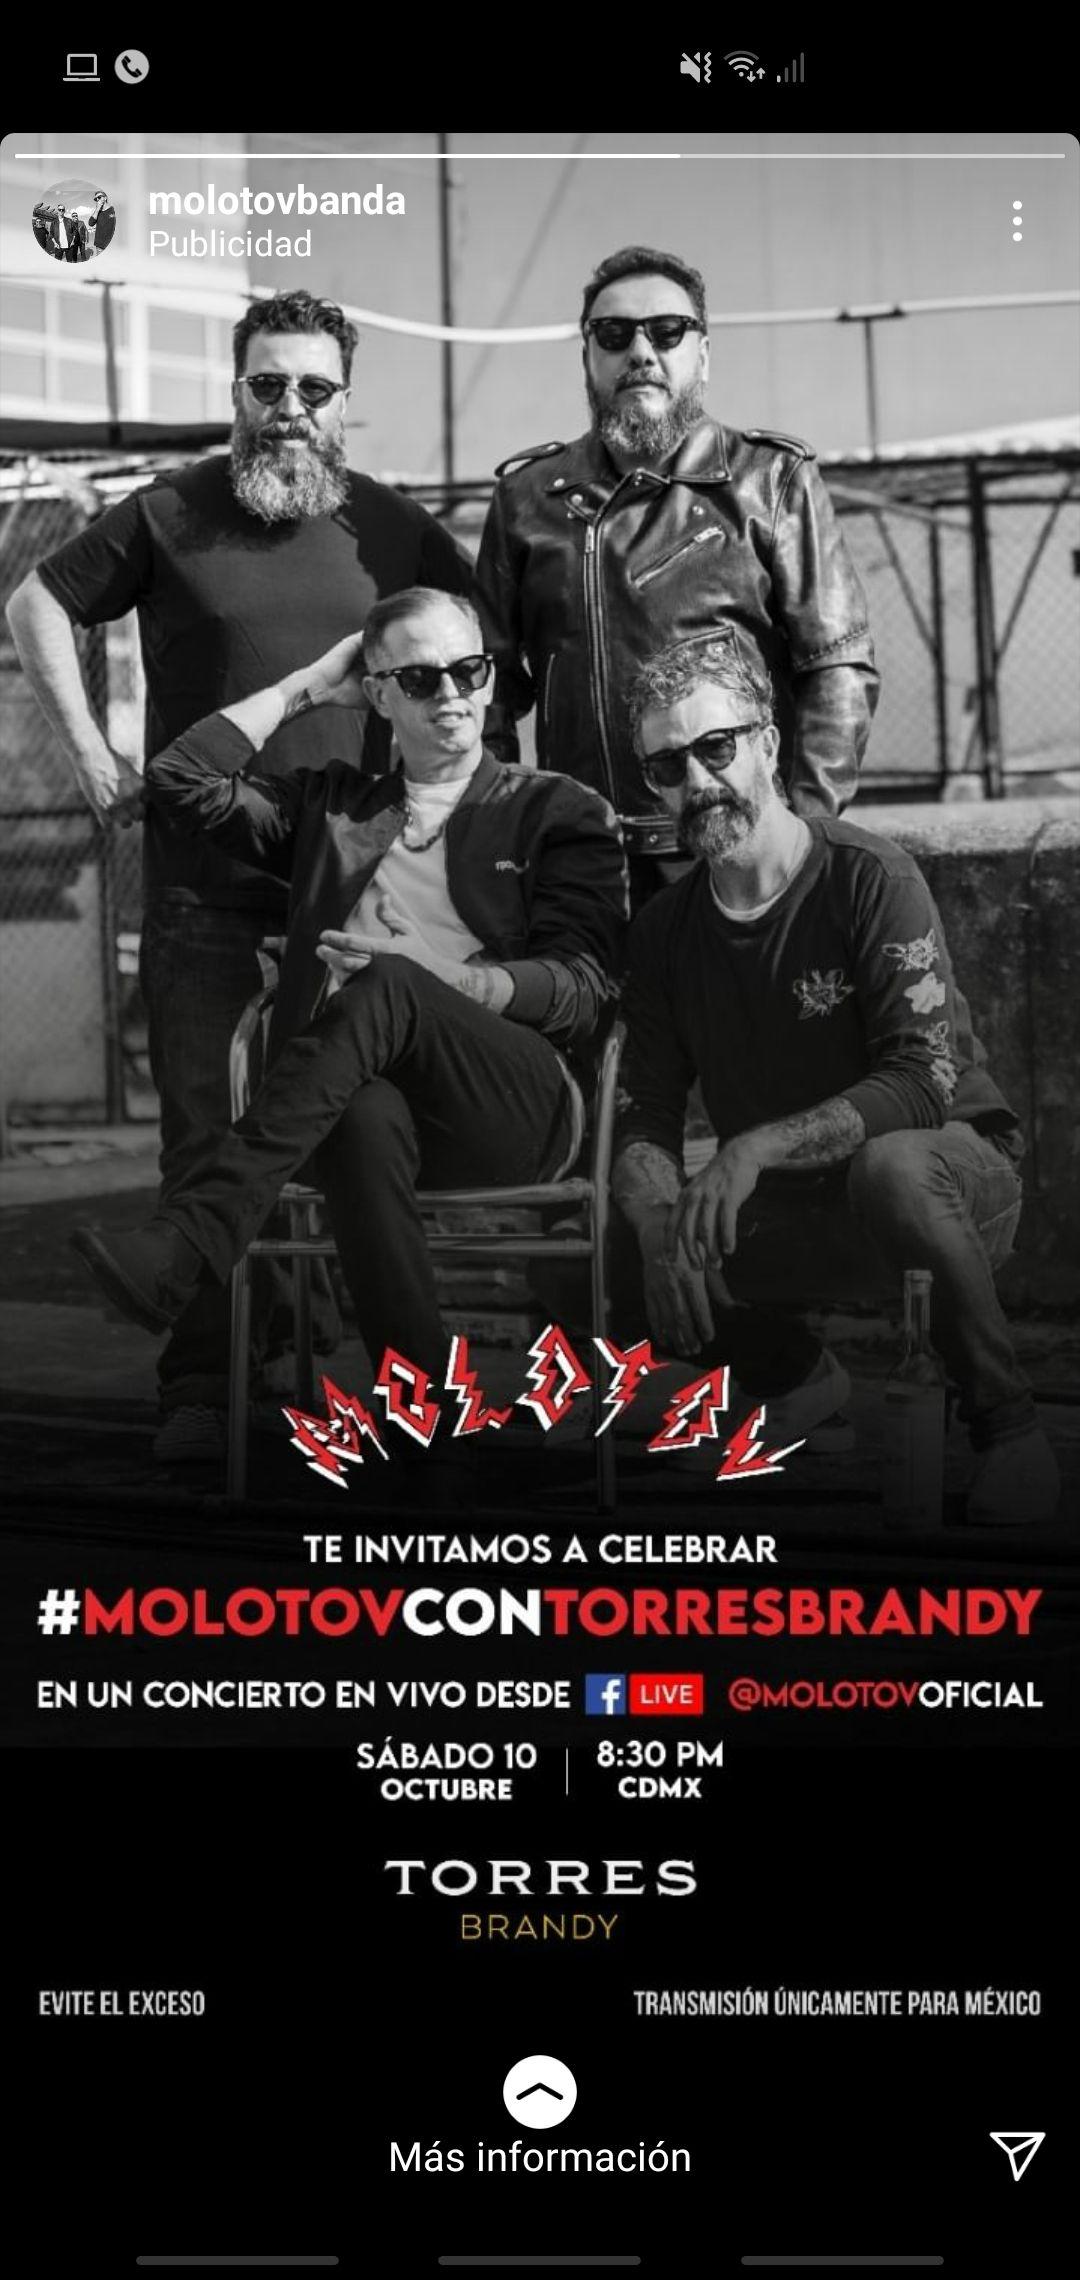 Concierto Molotov 10 oct 8:30pm